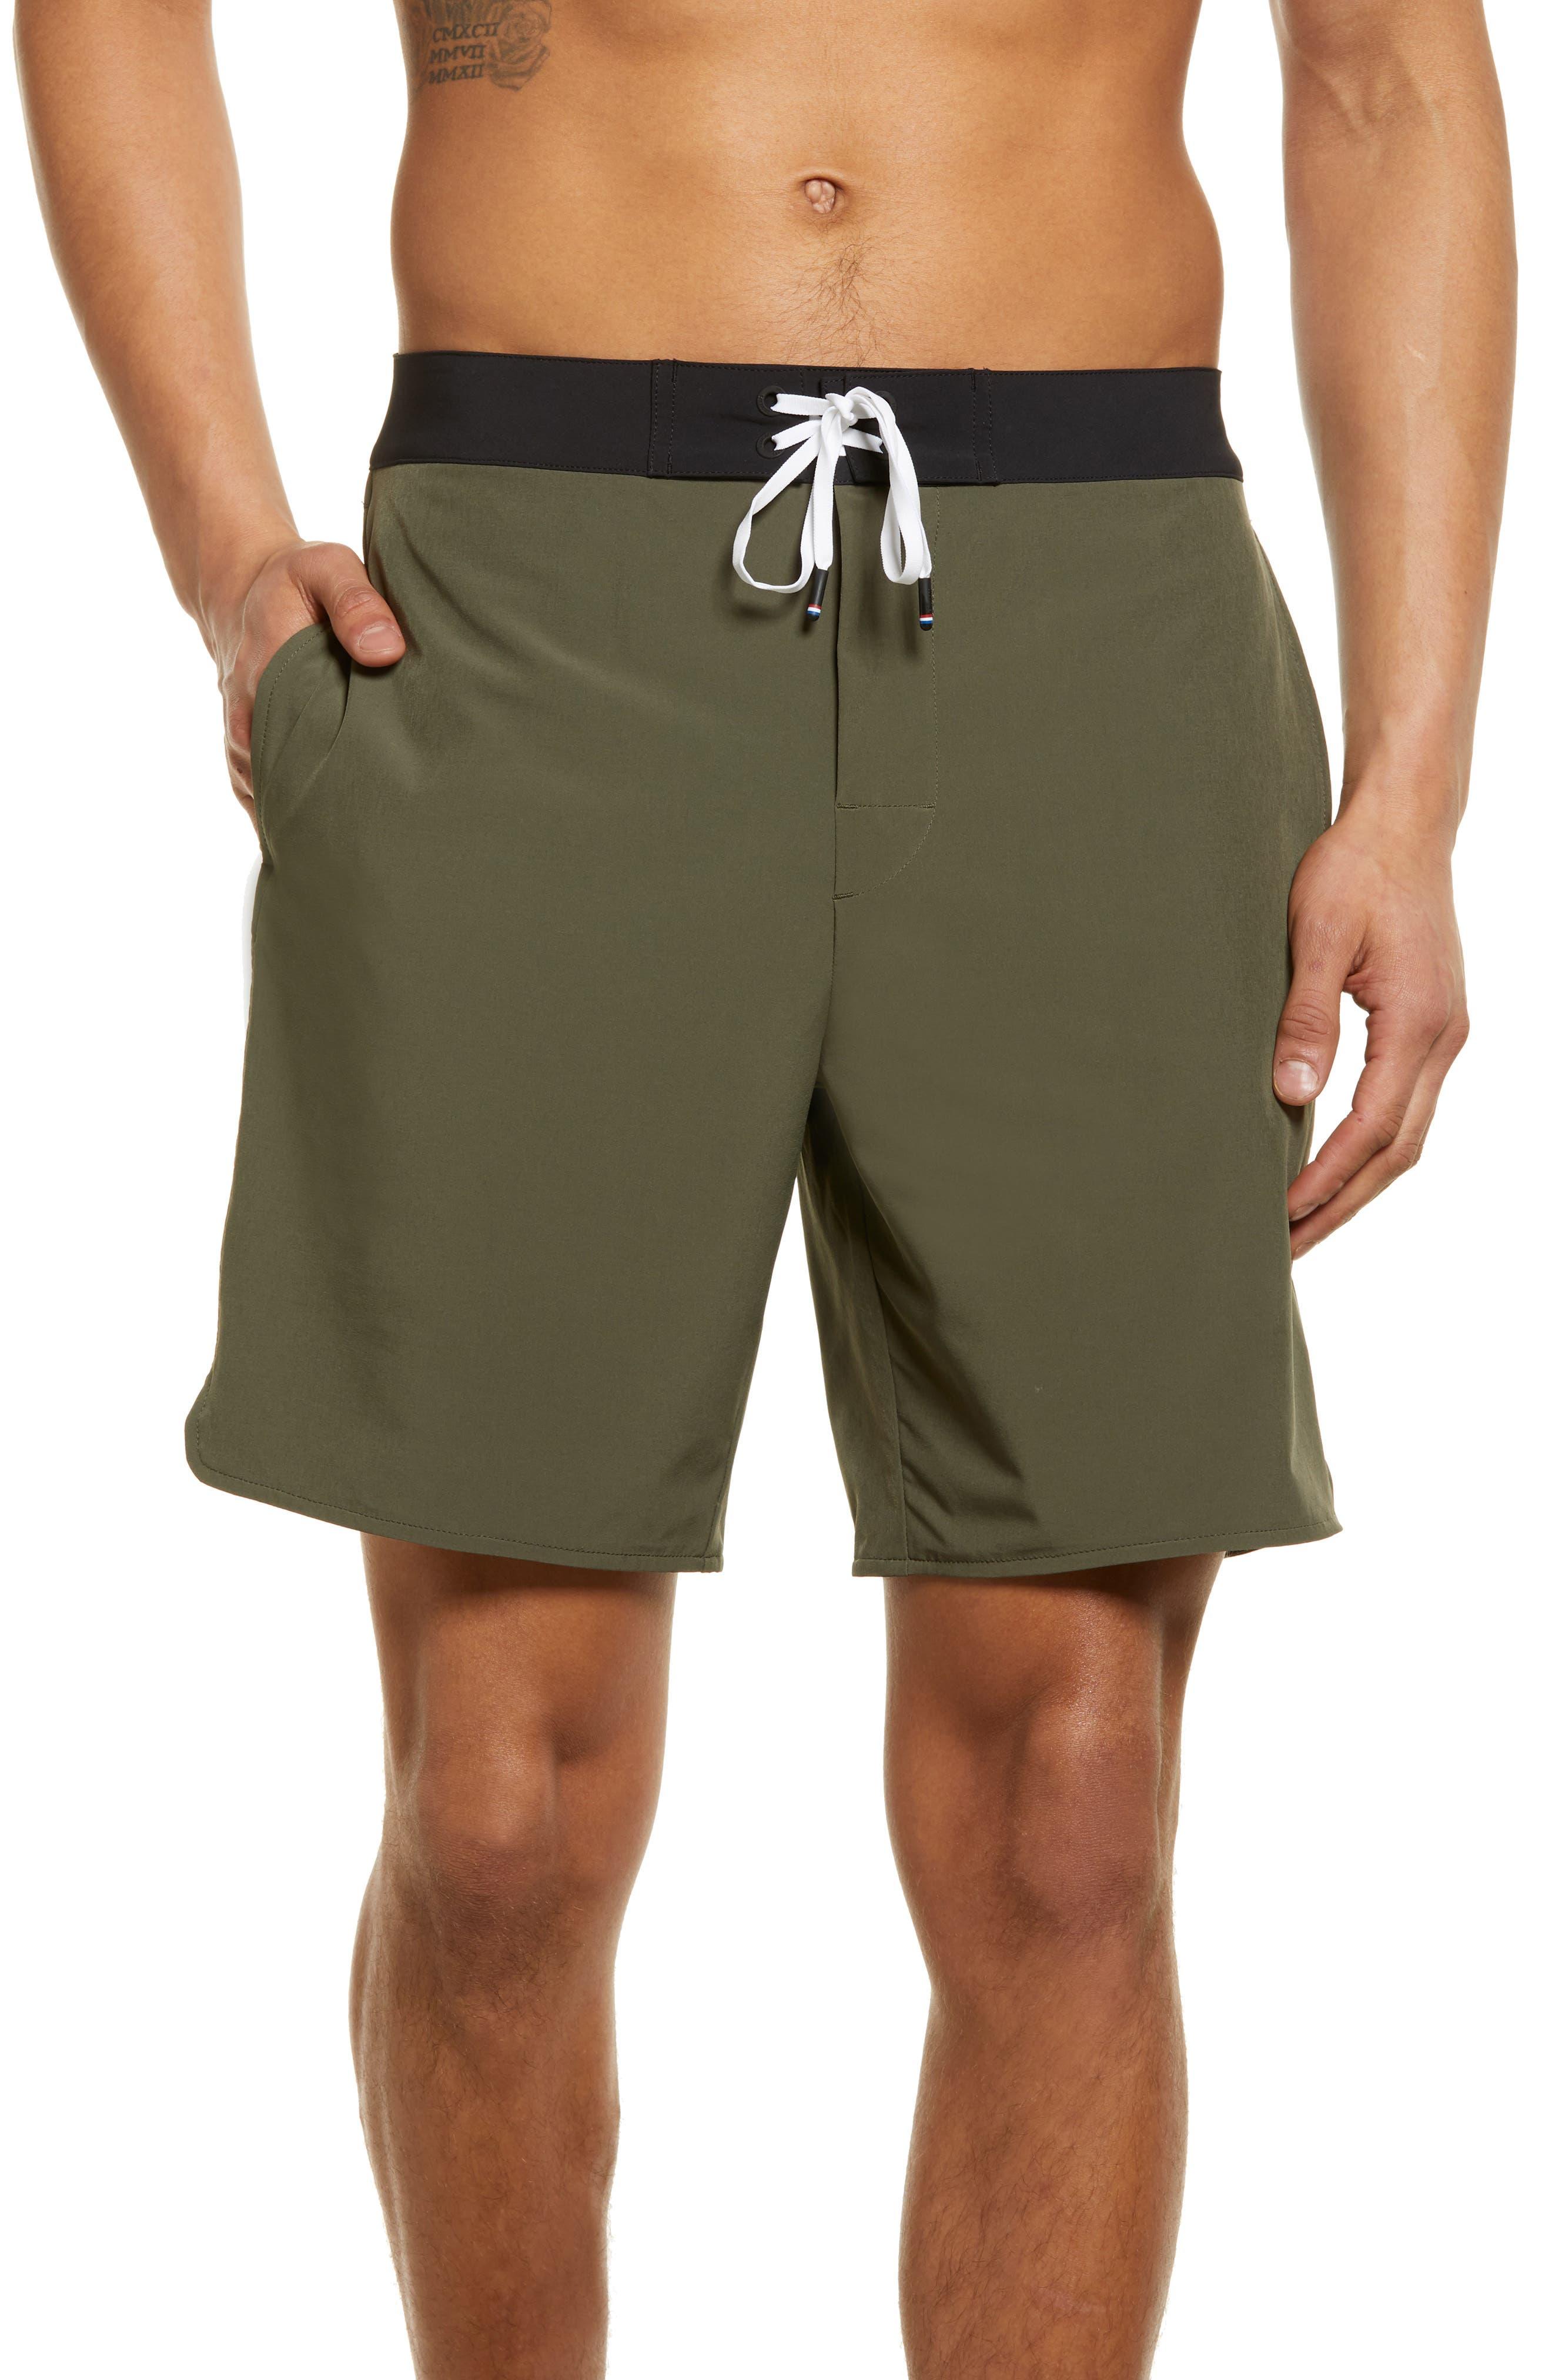 Stretch Board Shorts